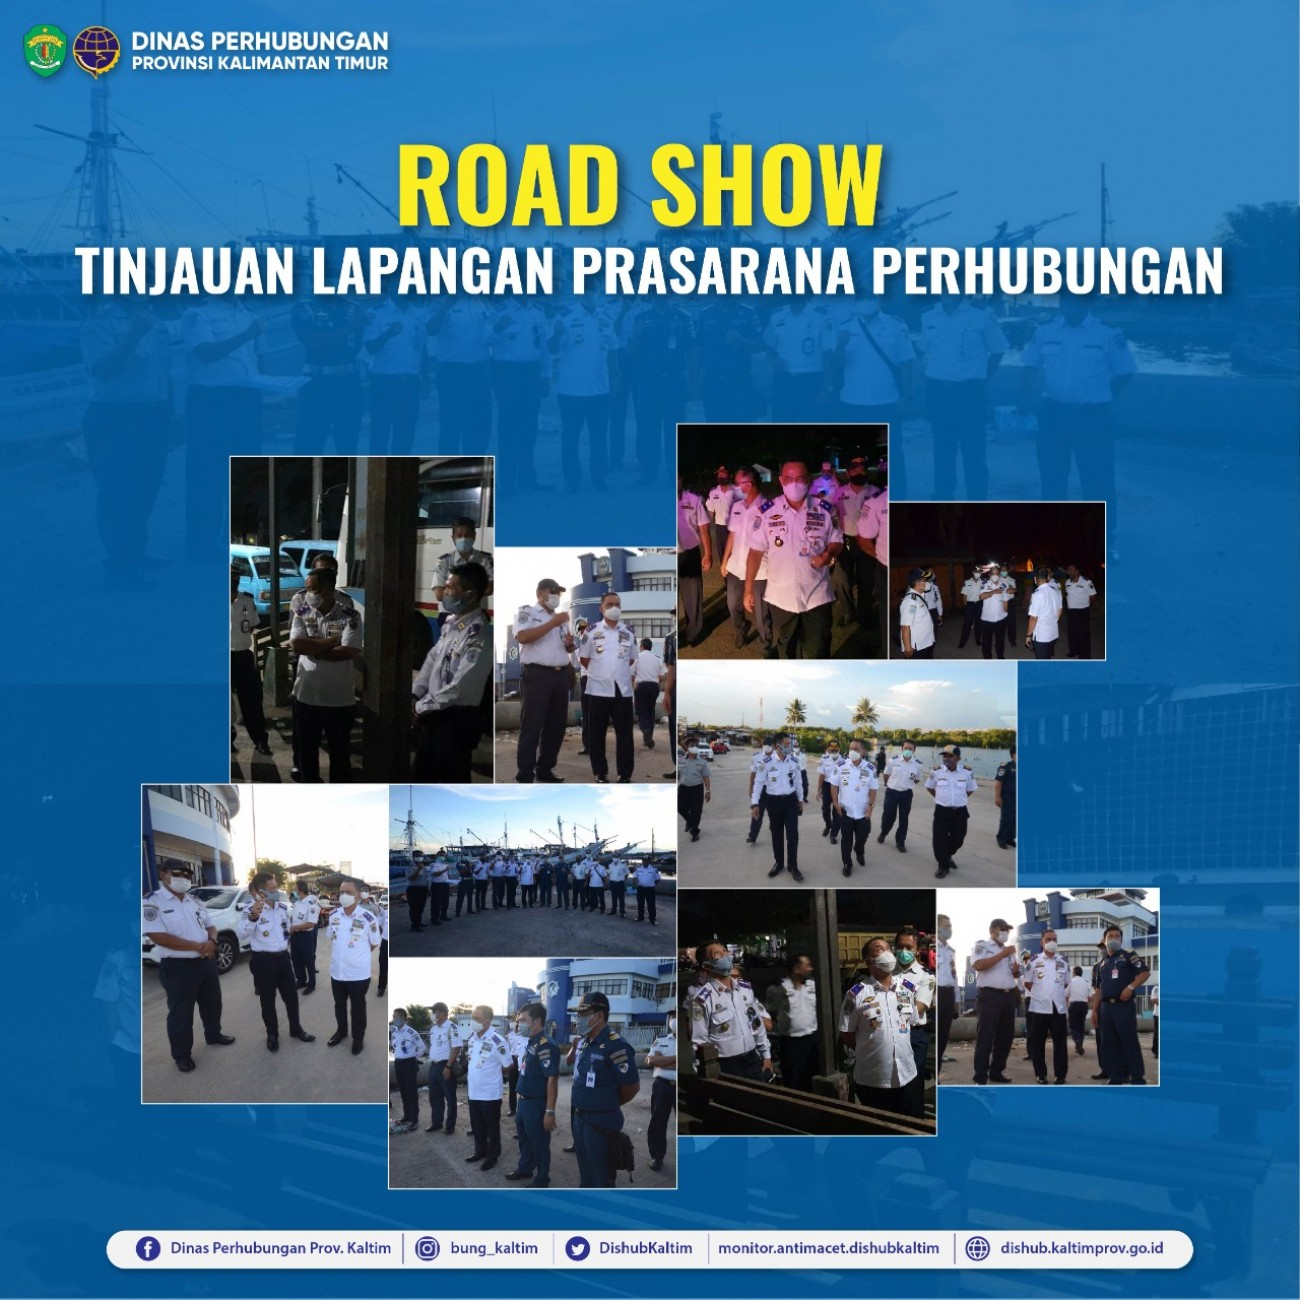 Road Show Tinjauan Lapangan Prasarana Perhubungan